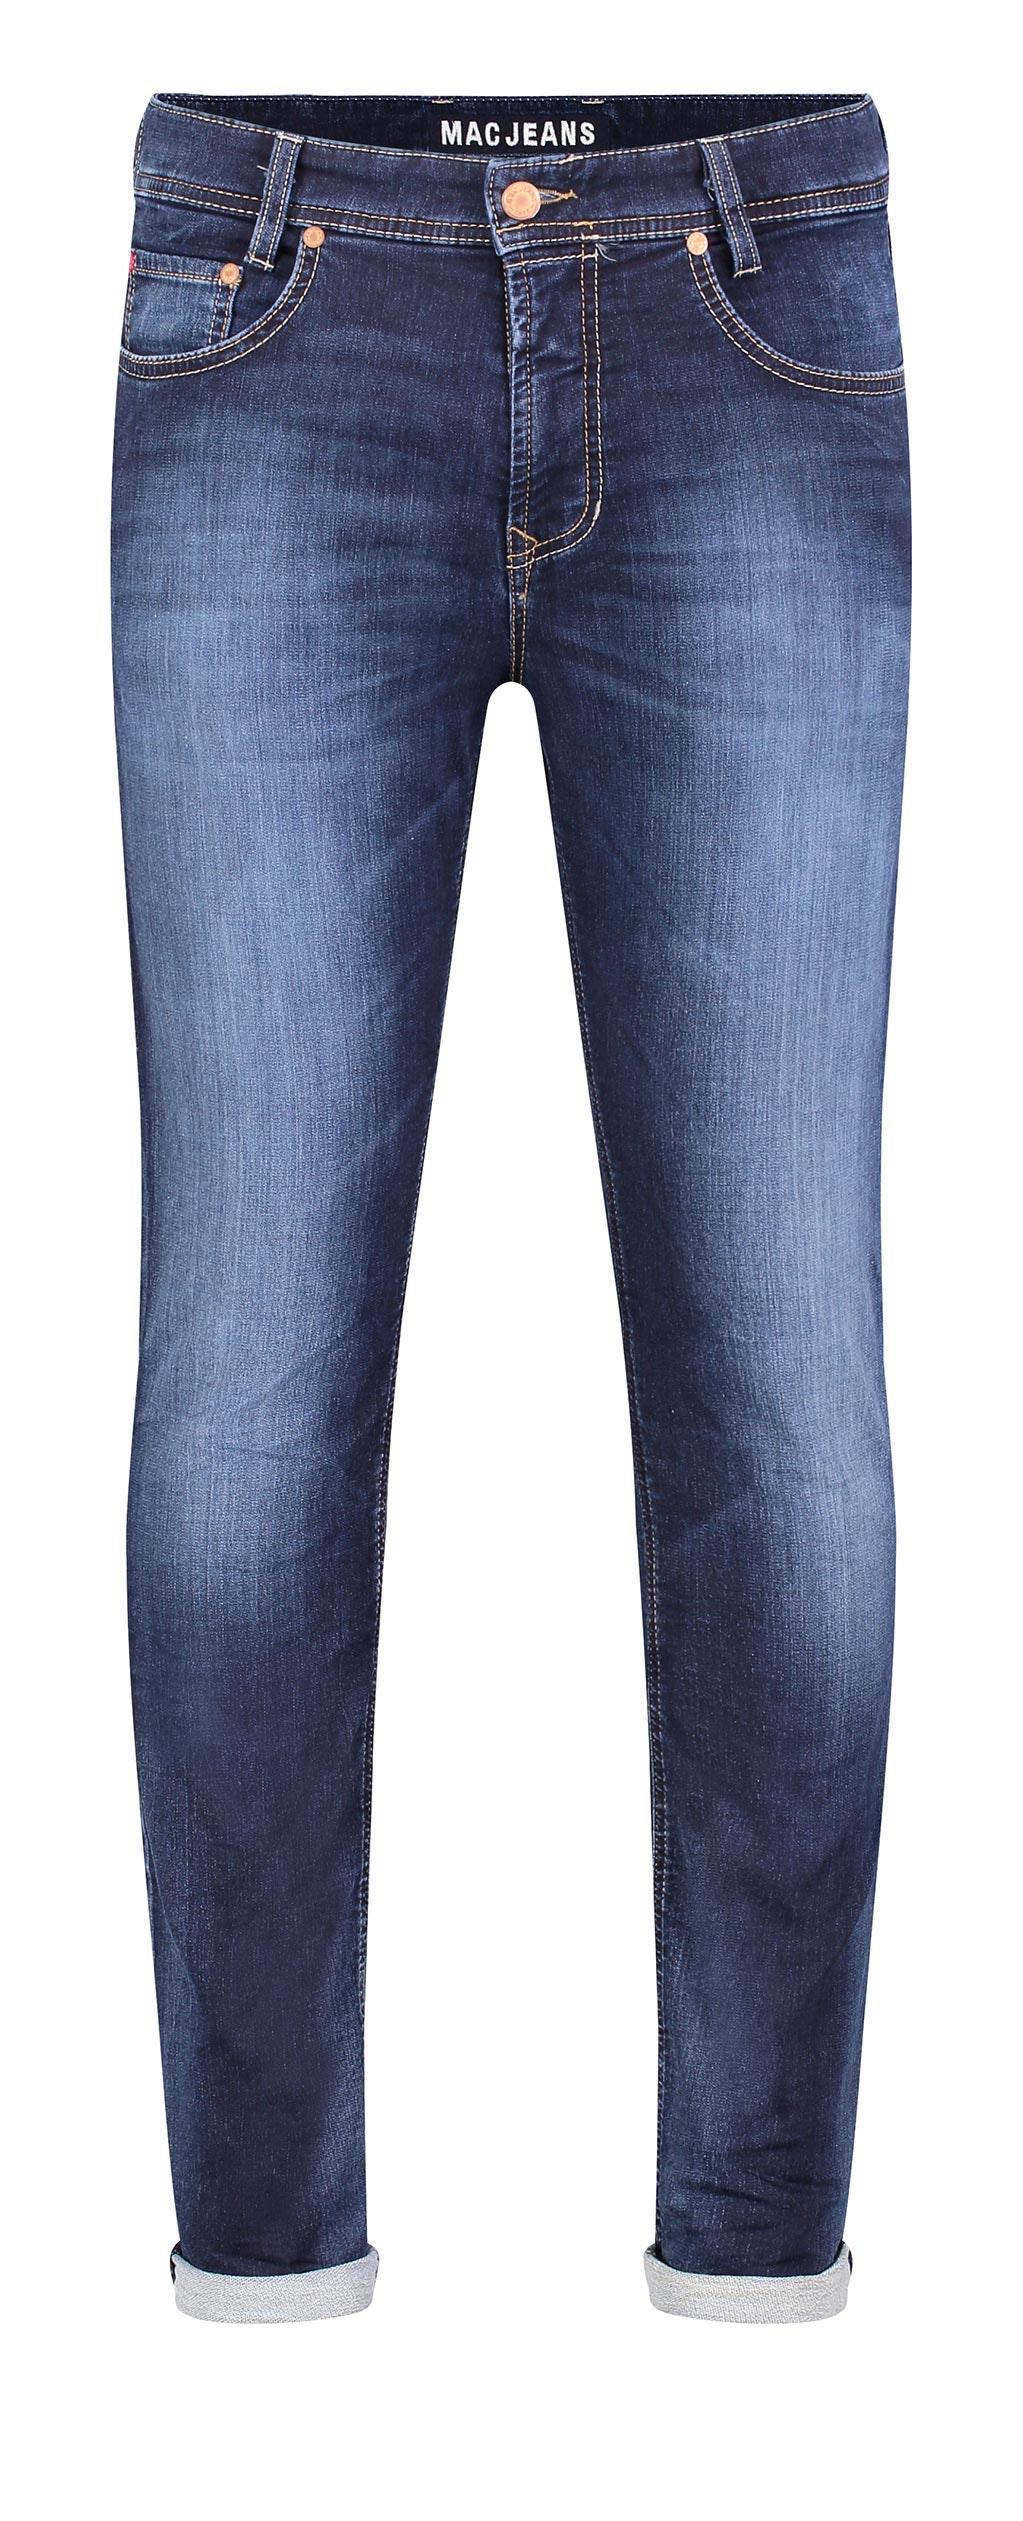 MAC JEANS - Jog'n Jeans , Light Sweat Denim